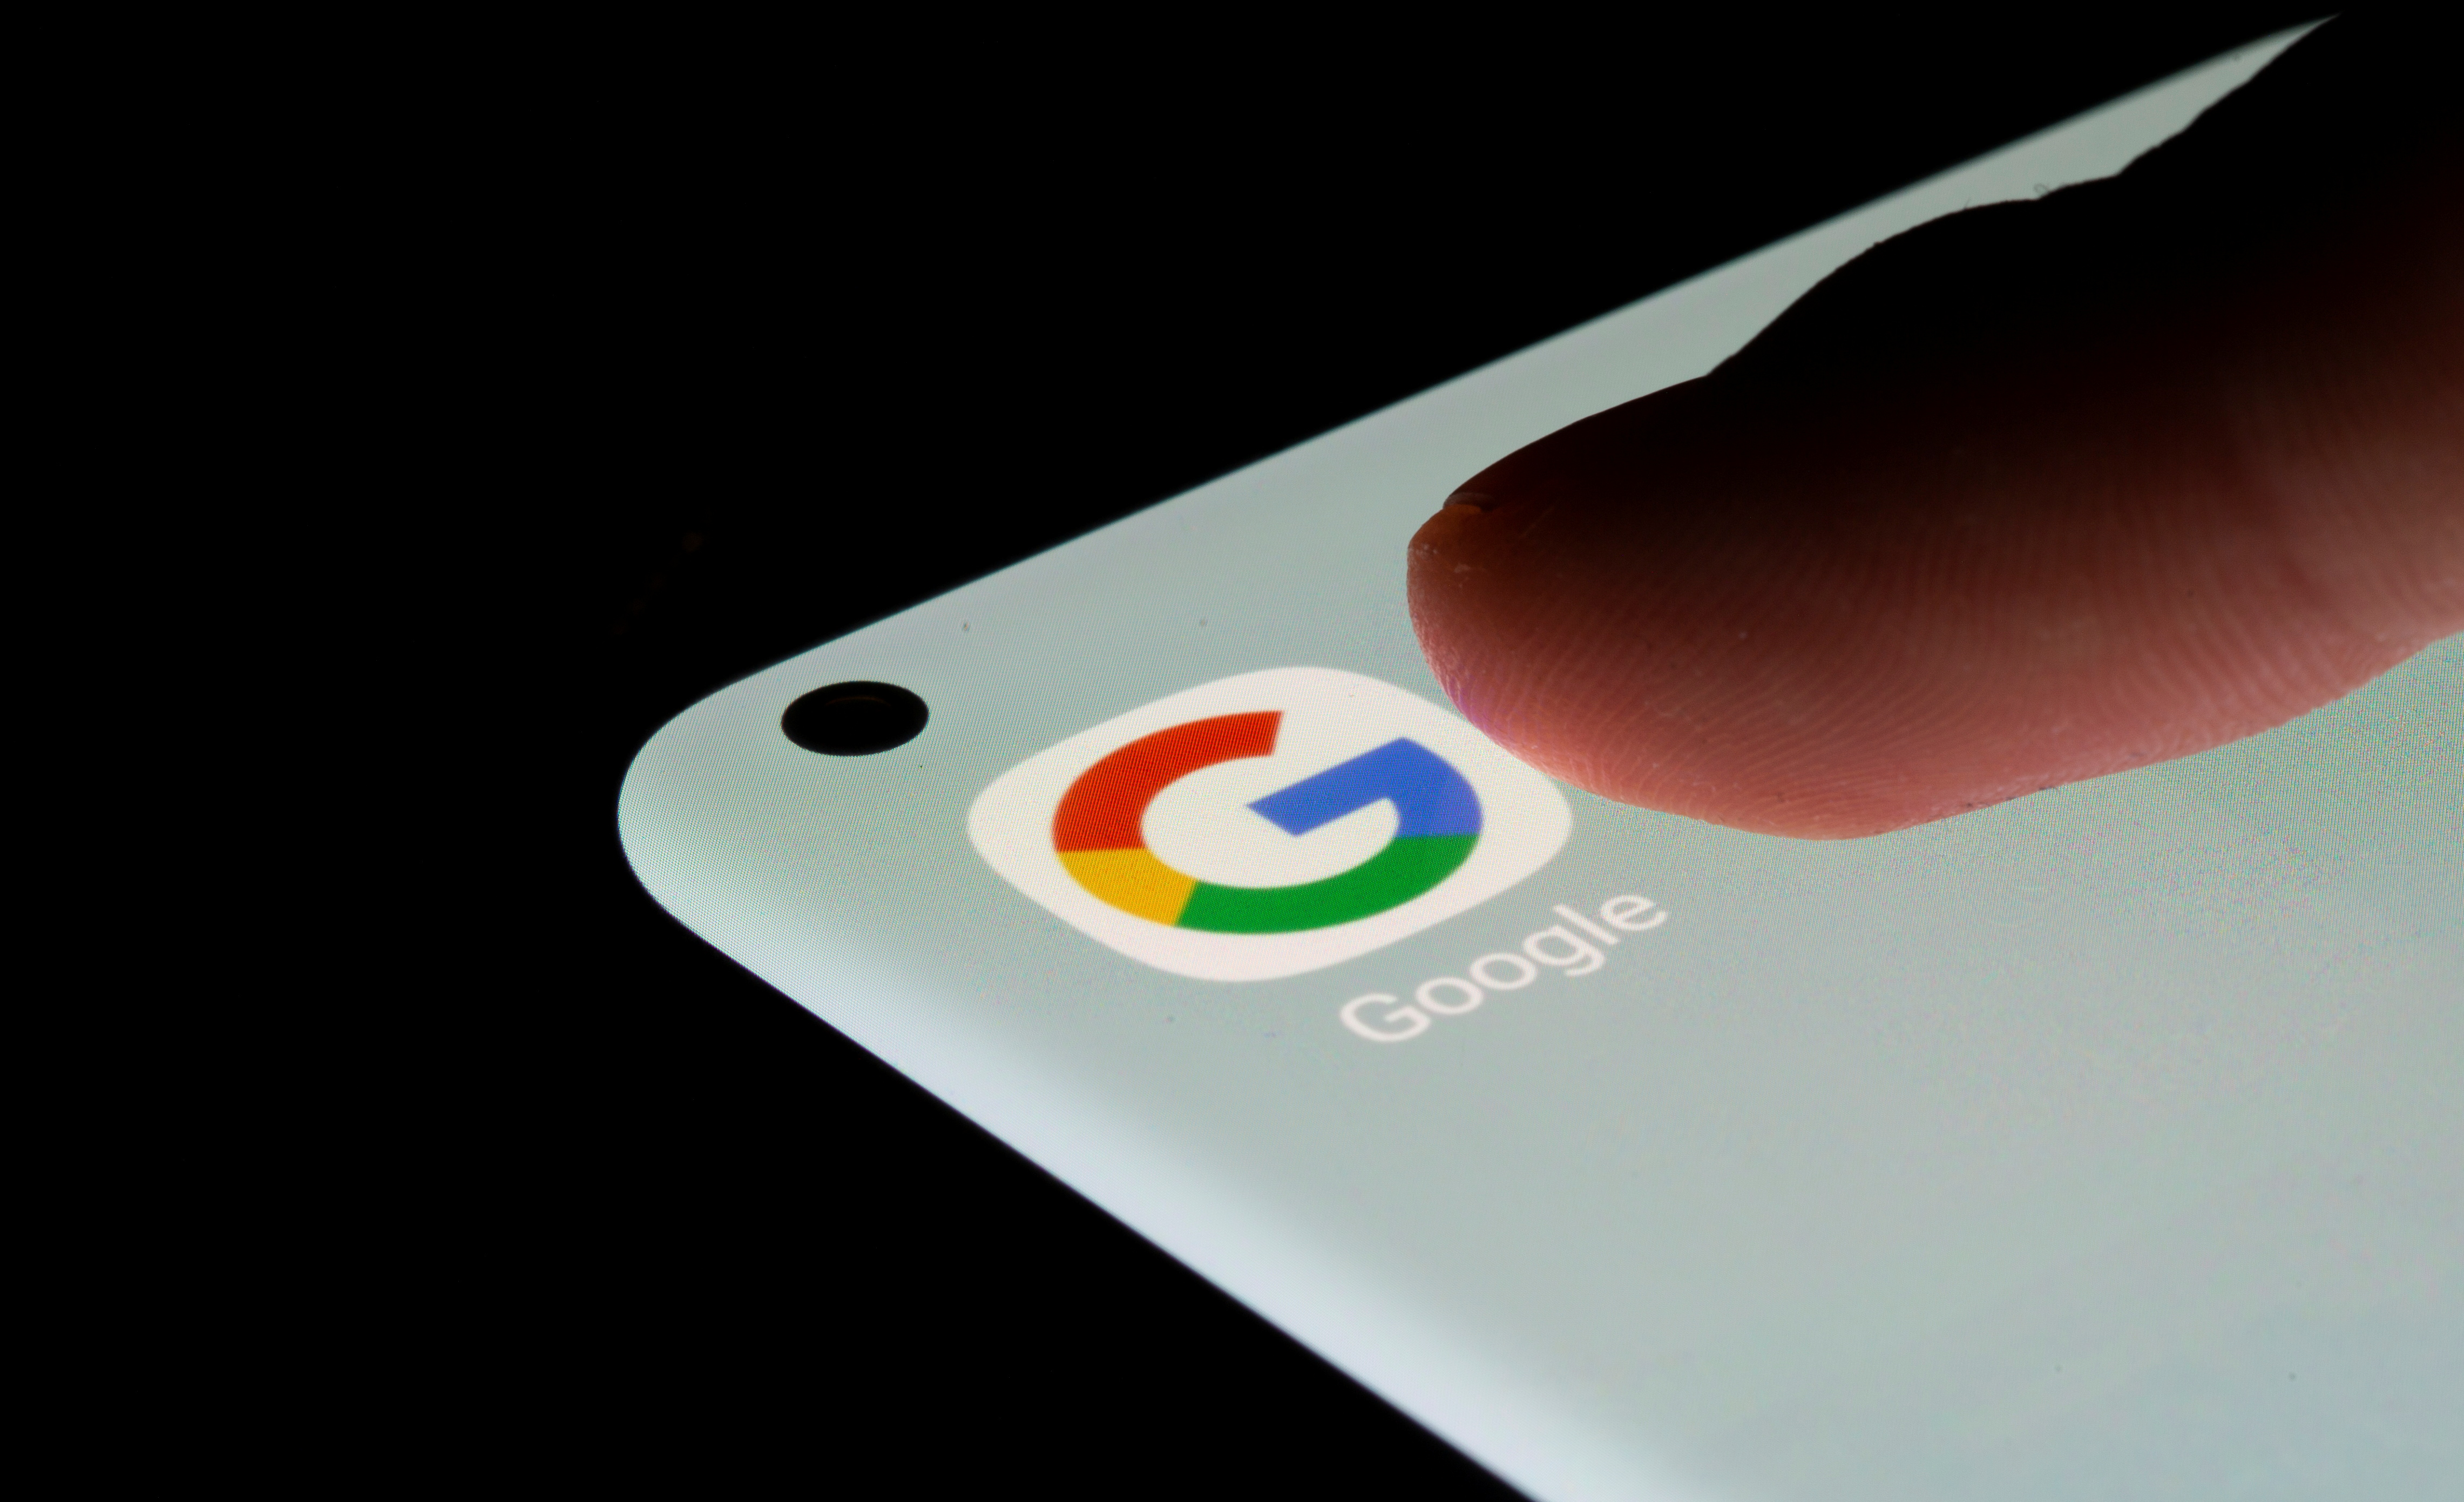 Na sliki je 13. julija 2021 prikazana aplikacija Google na pametnem telefonu. REUTERS/Dado Ruvic/Ilustracija